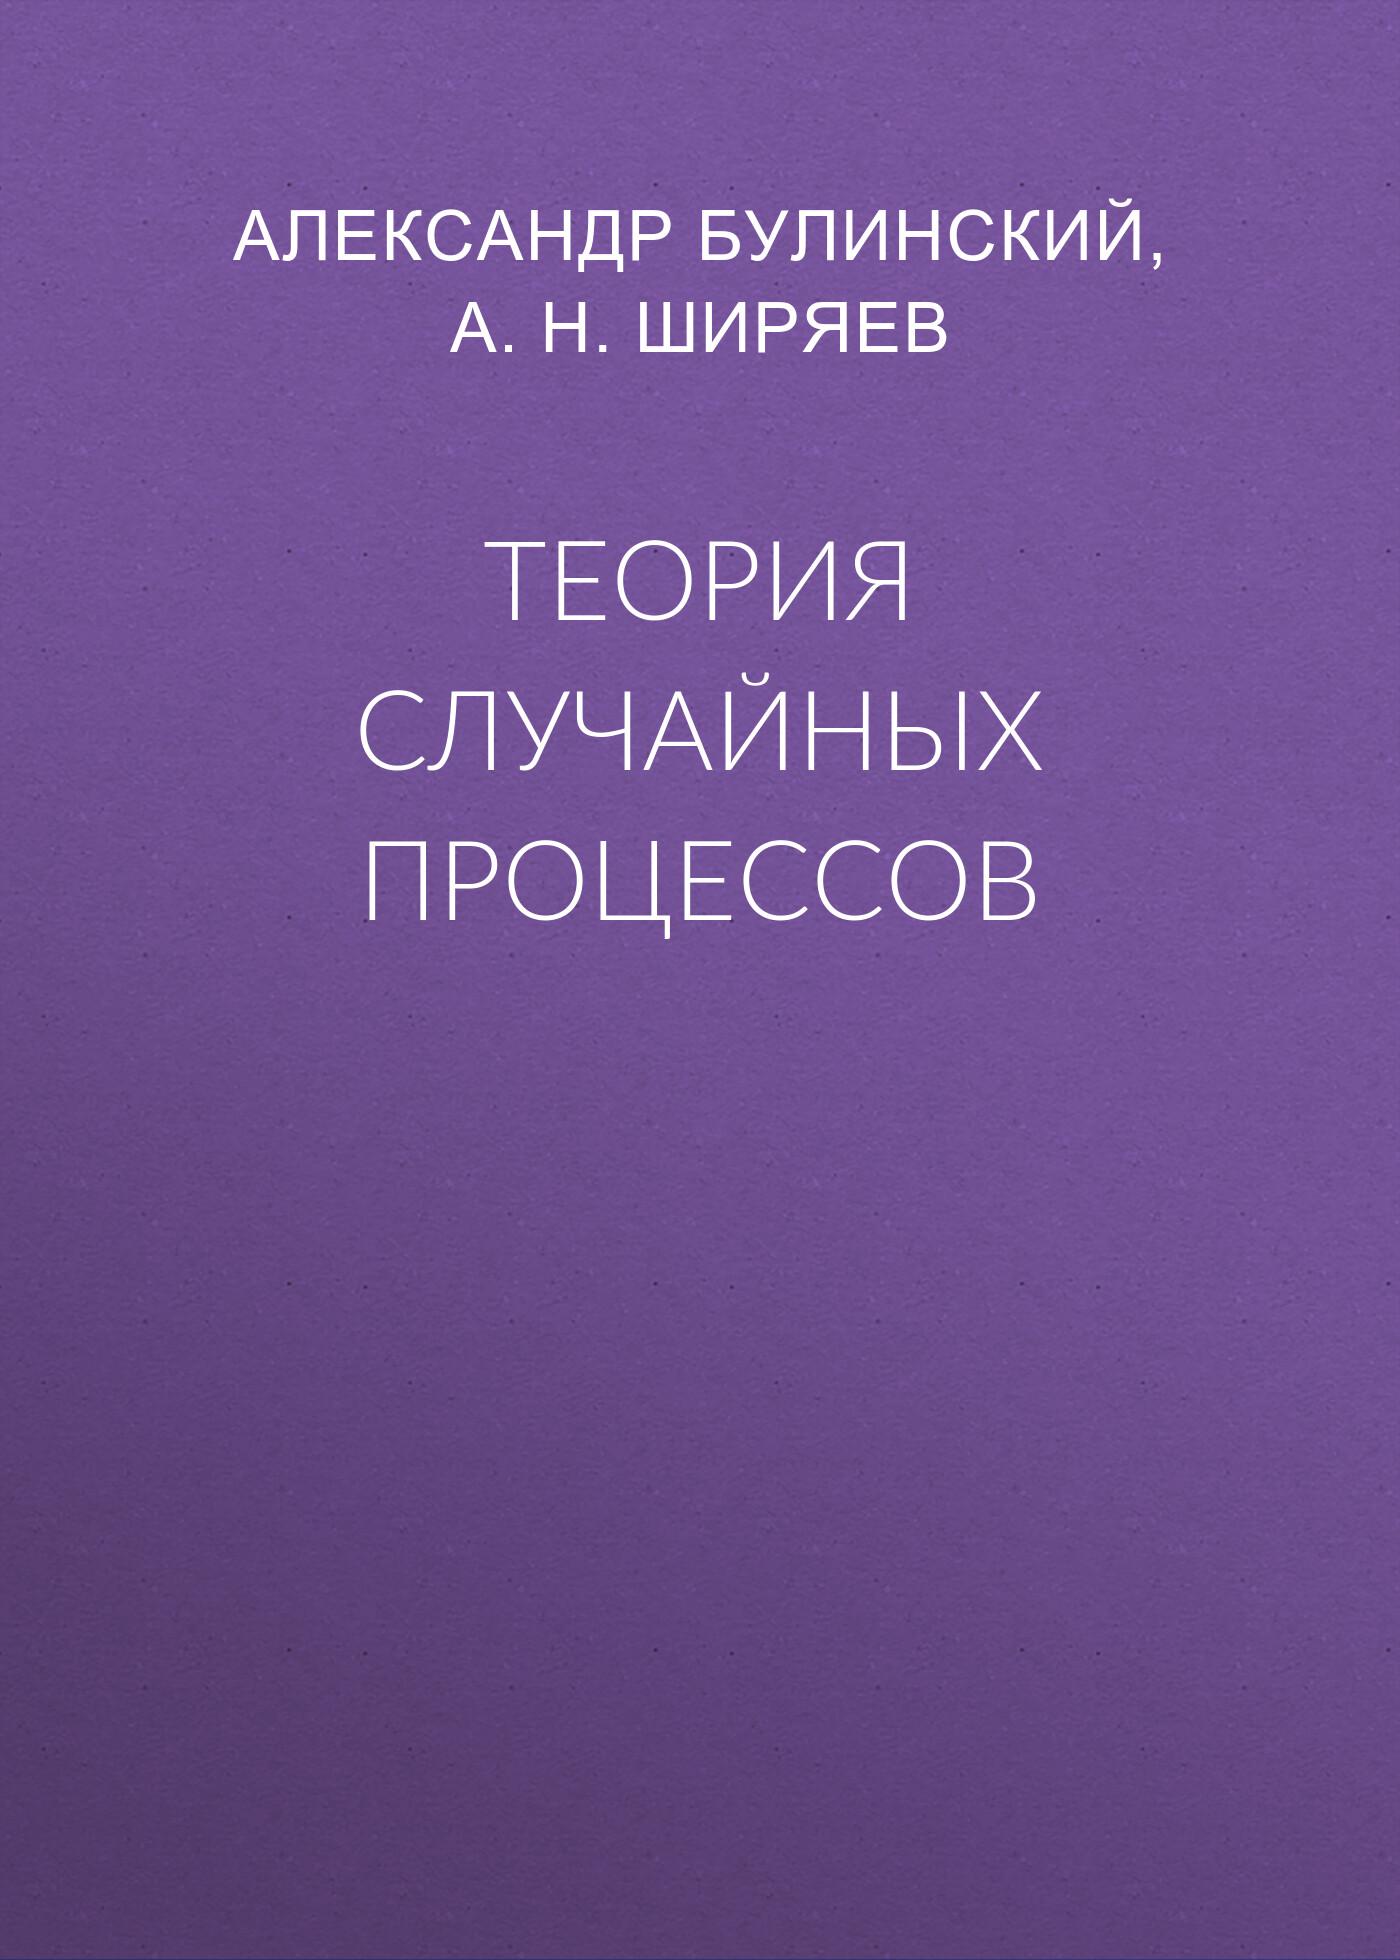 А. Н. Ширяев Теория случайных процессов спот 54918 2 globo page 2